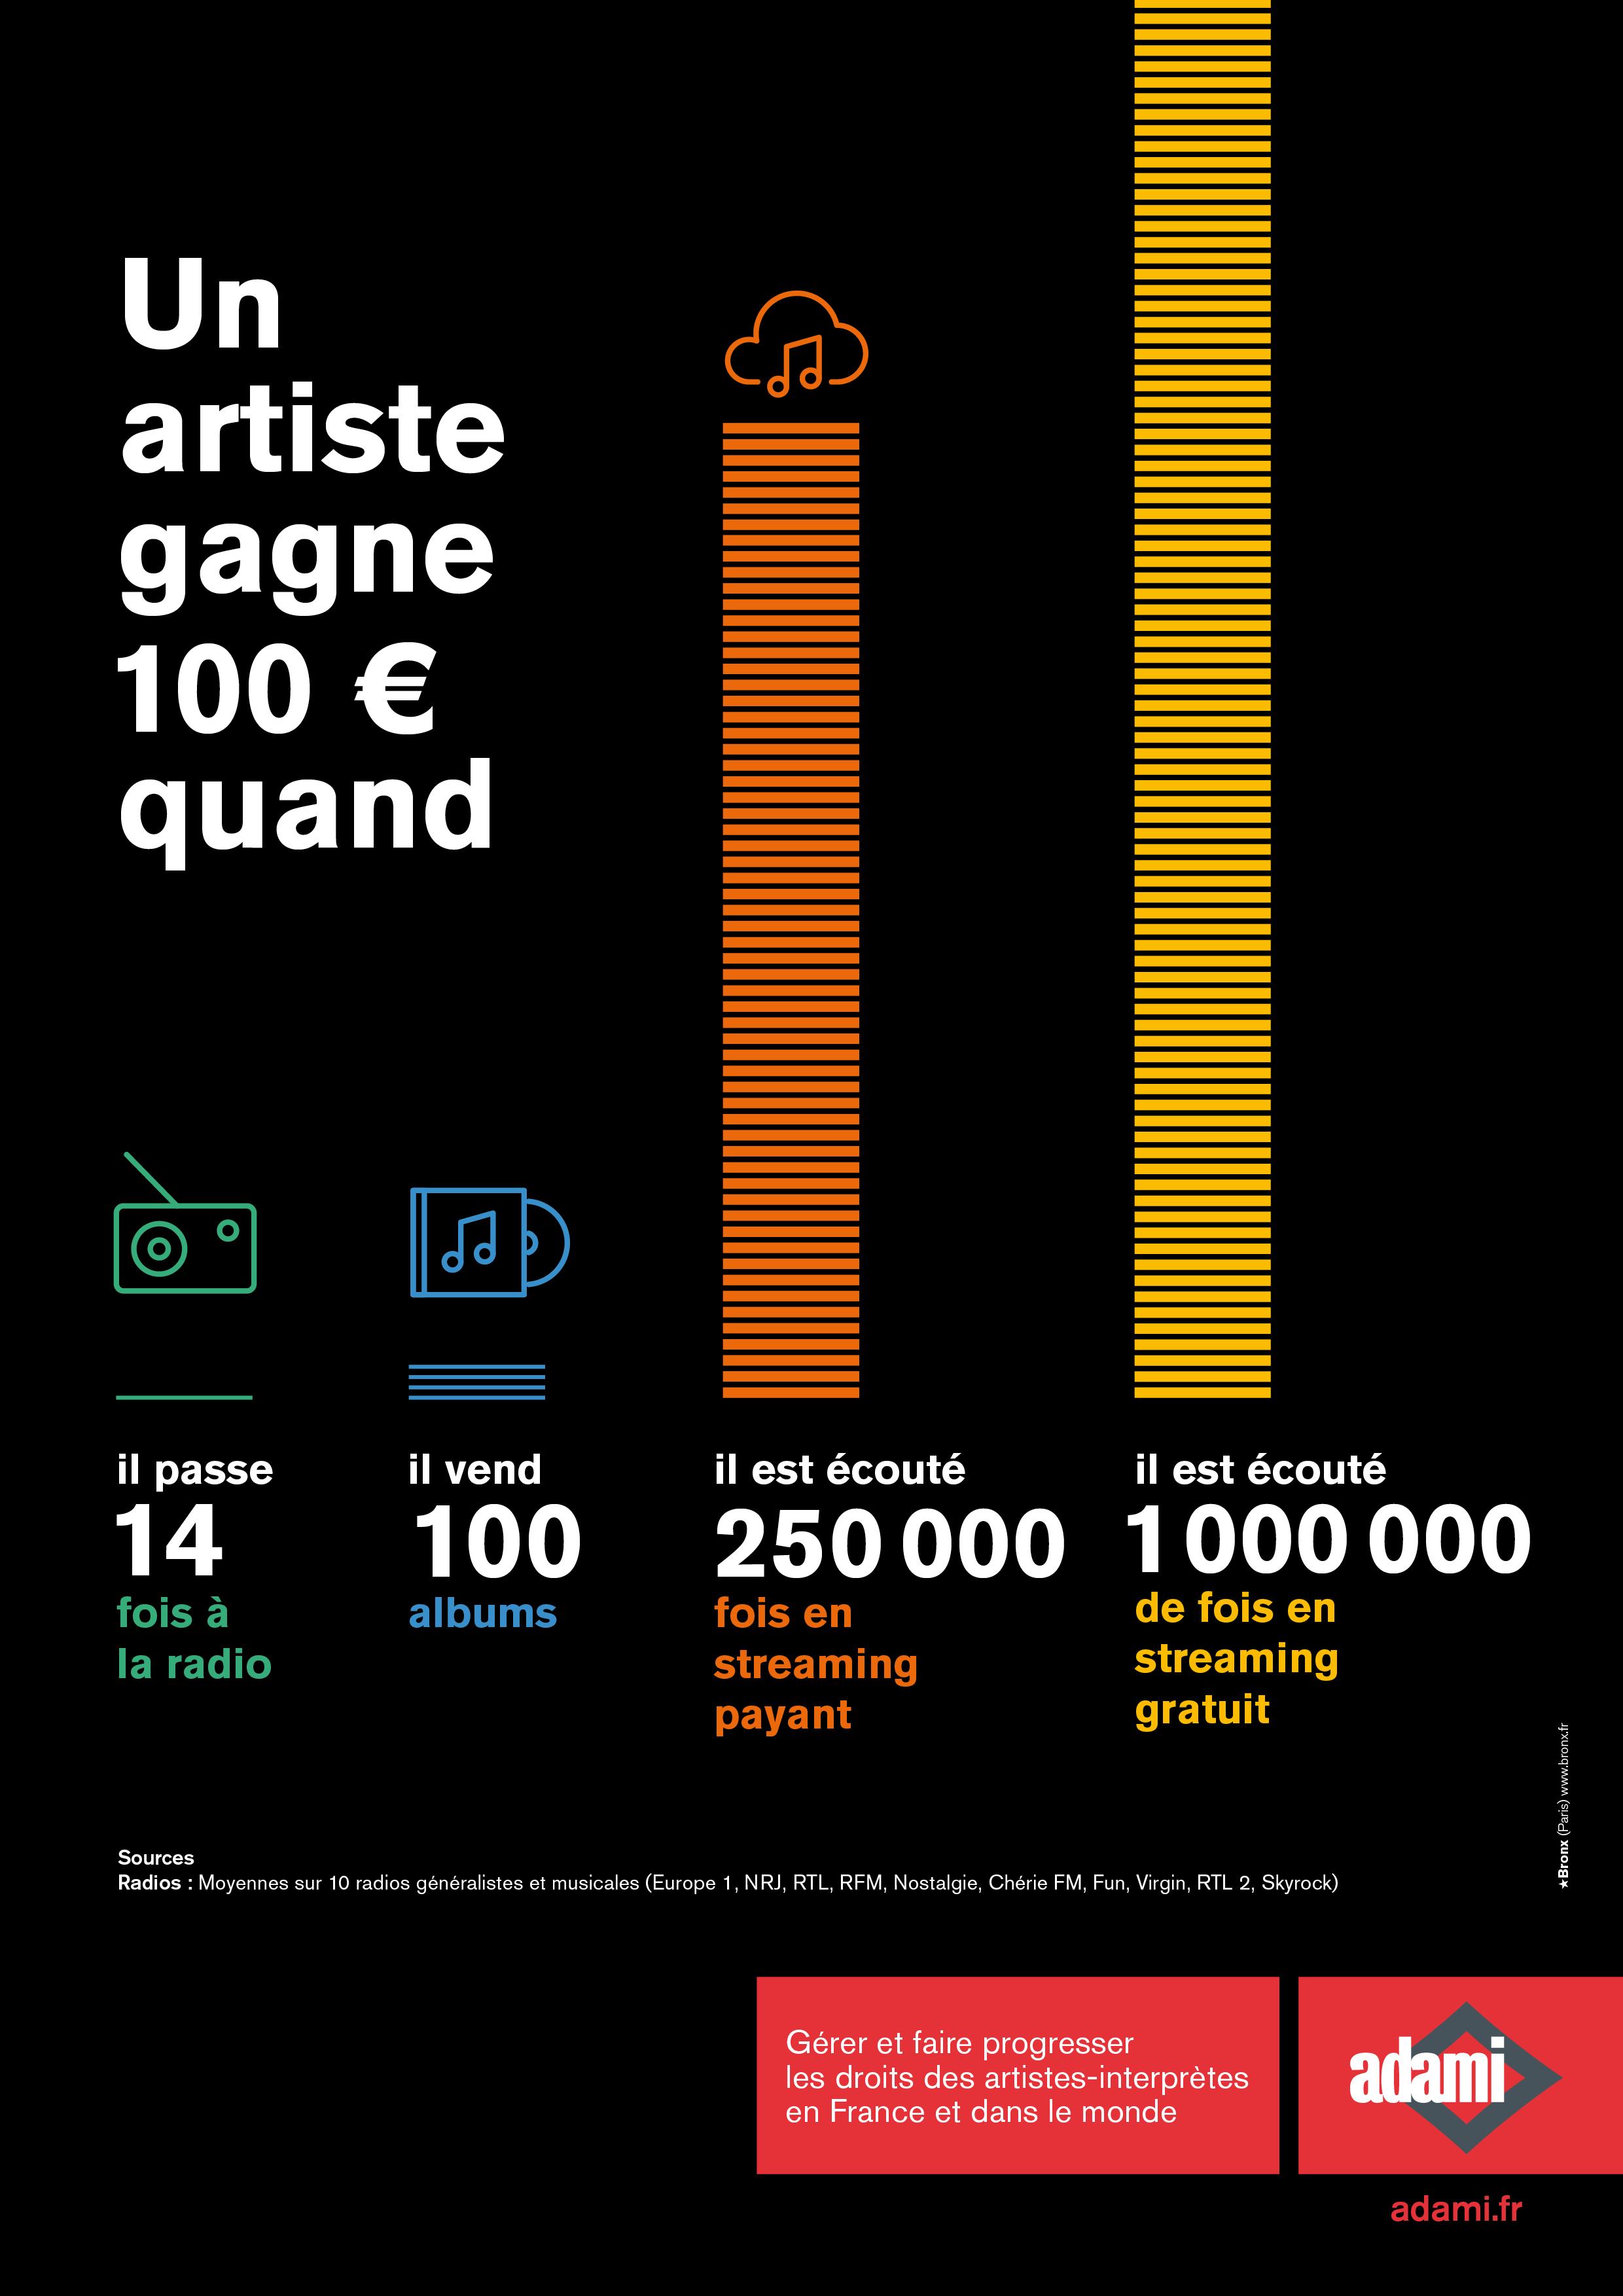 L'importance de la radio pour les artistes